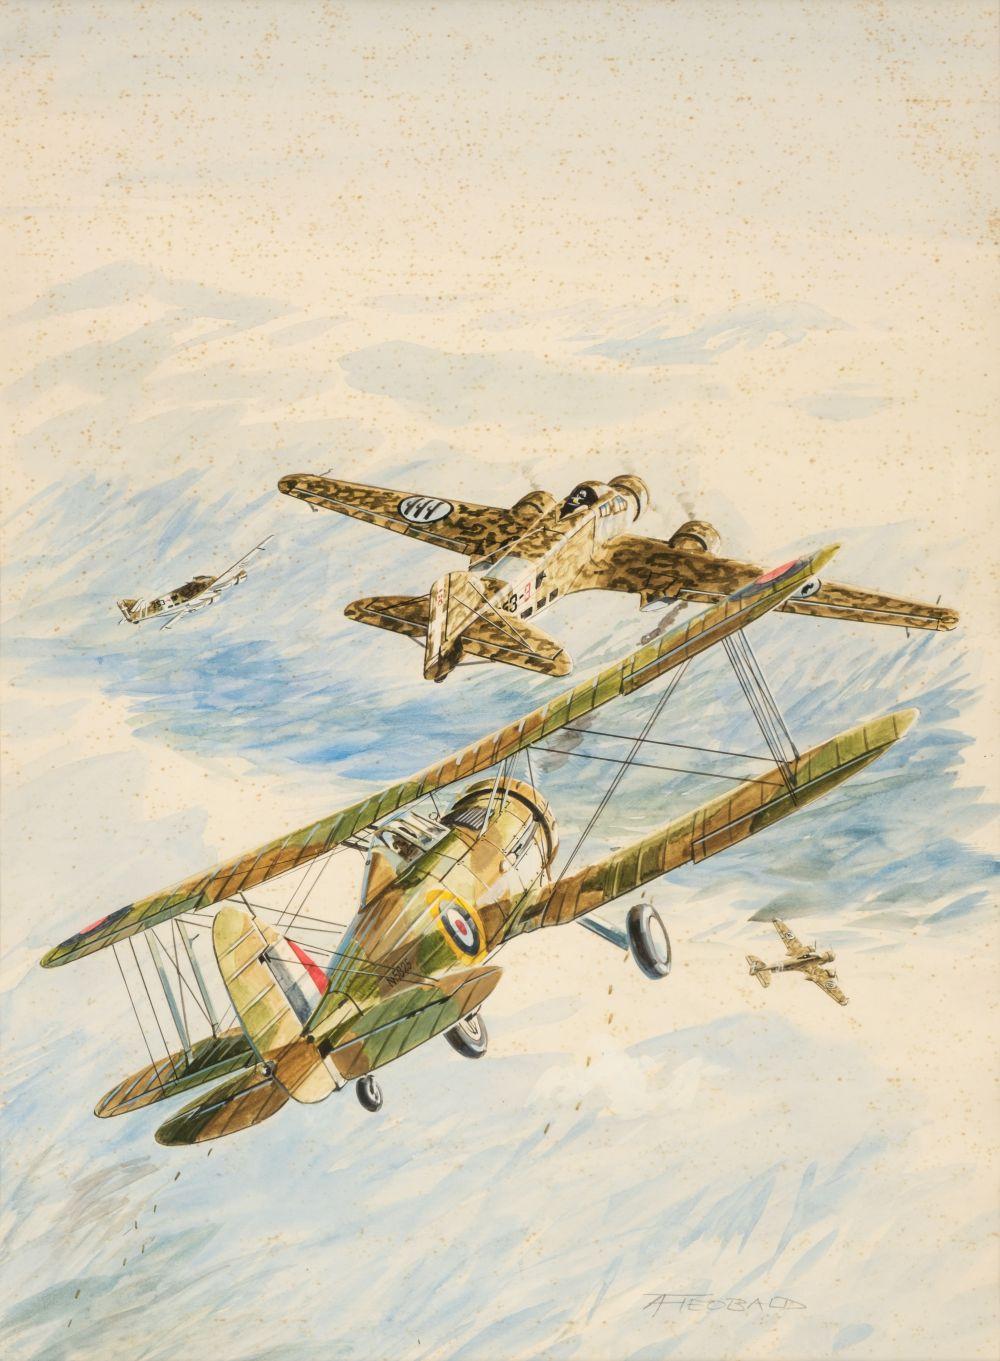 * Theobald (Tony, late 20th century). Aviation watercolour